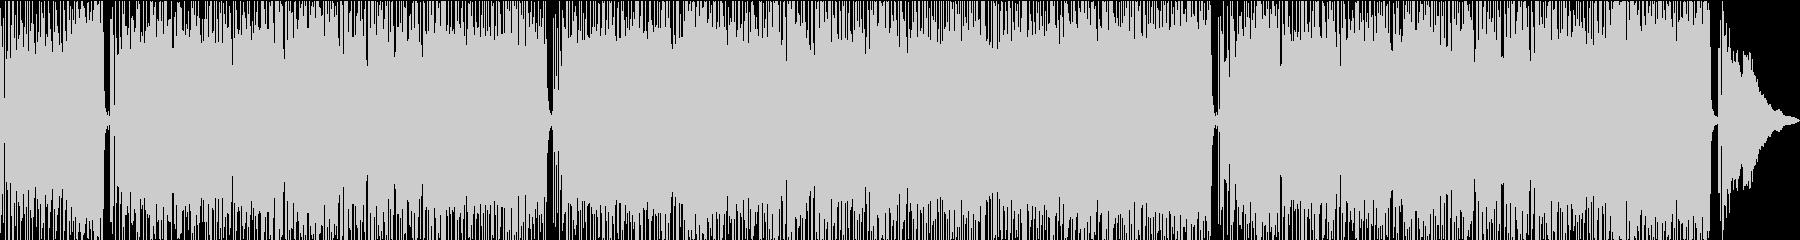 テナーサックス、アルトサックス、ト...の未再生の波形